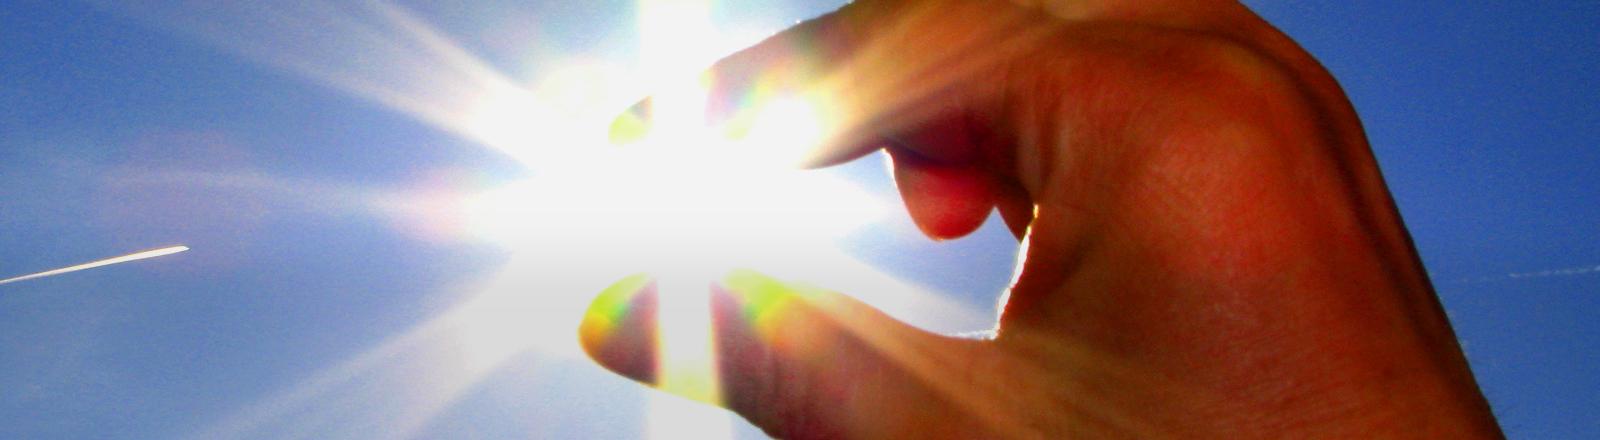 Zwei Finger scheinen die Sonne vom Himmel zu pflücken